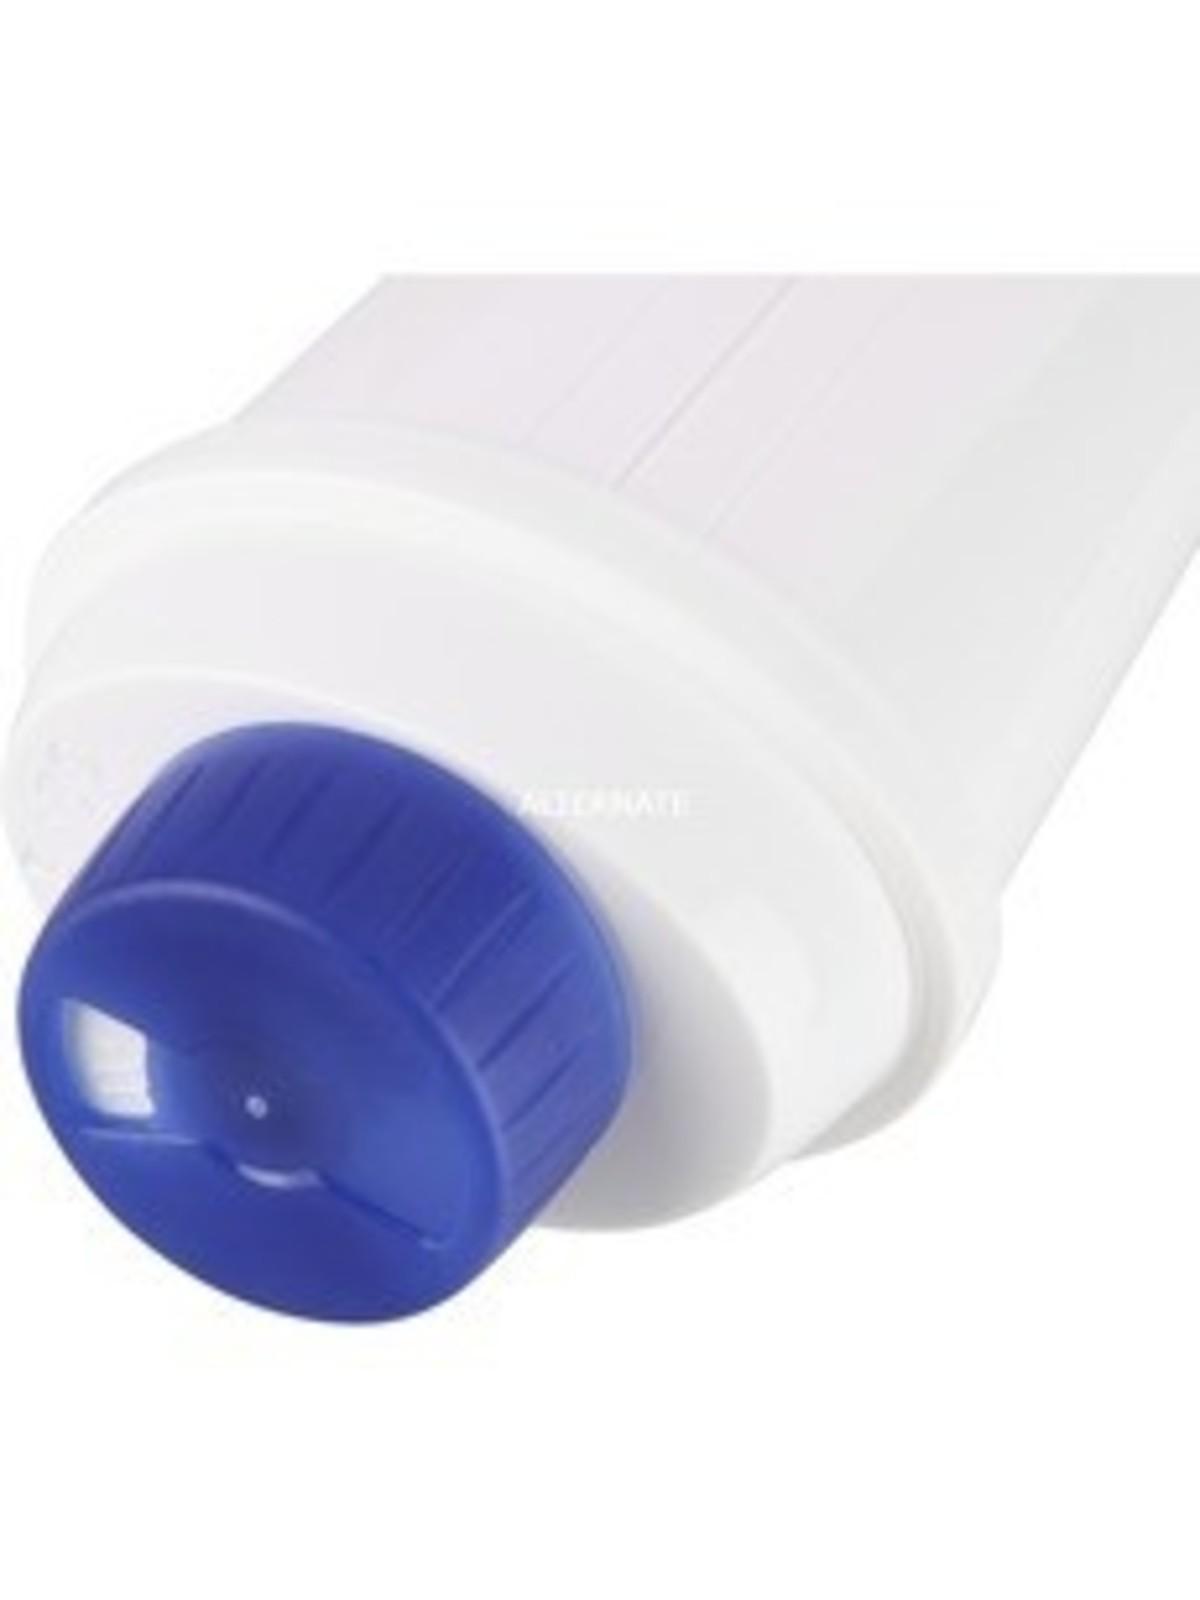 DELONGHI ECAM Water Filter